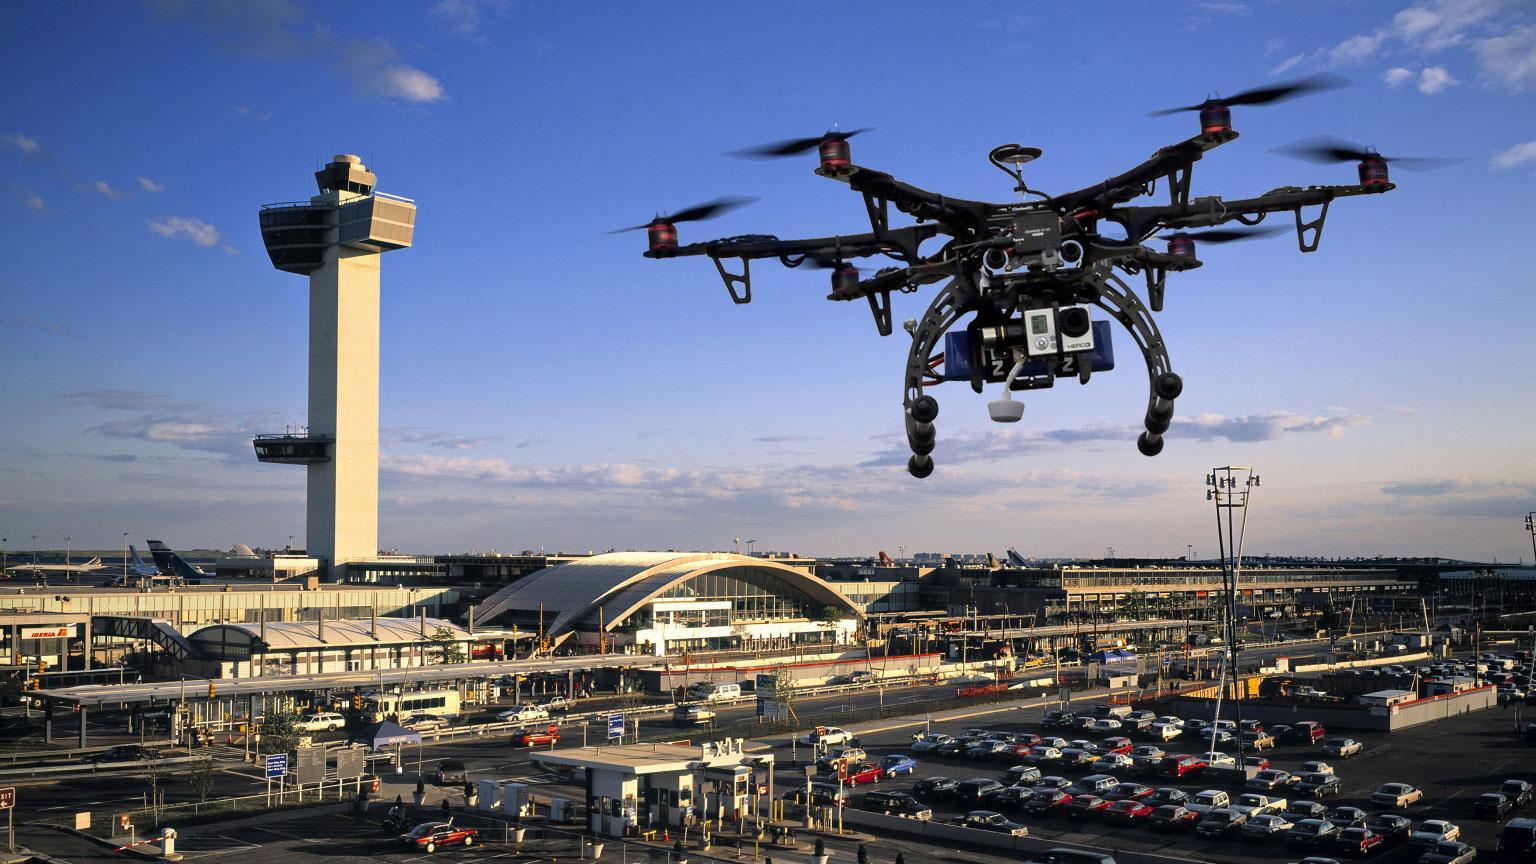 Un Elicottero : Cade un elicottero forse un drone la causa dello schianto